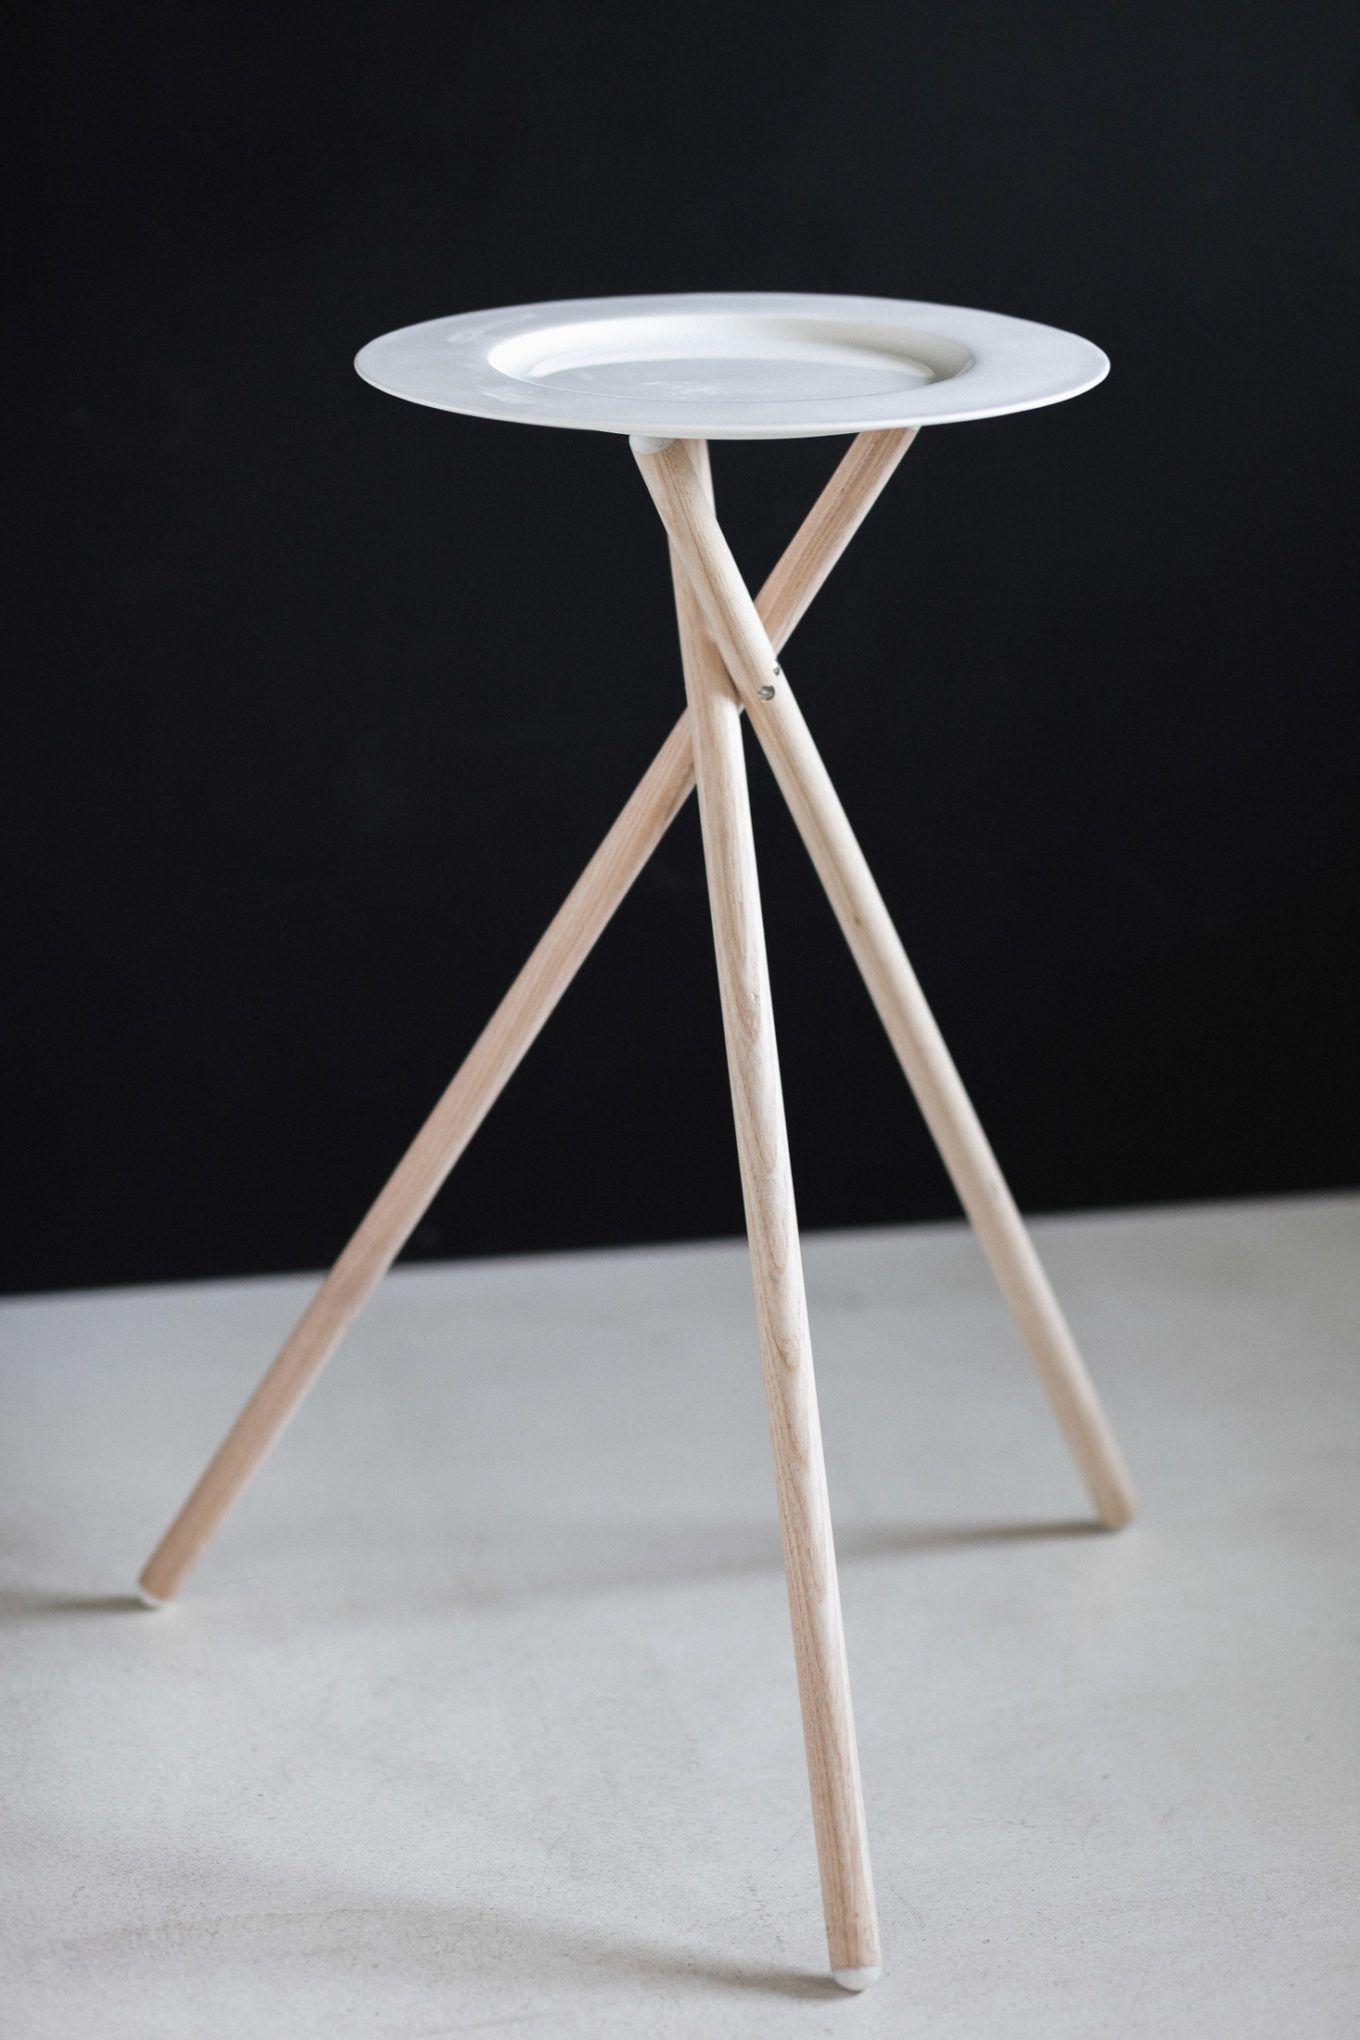 Tischgestell James von LlotLlov